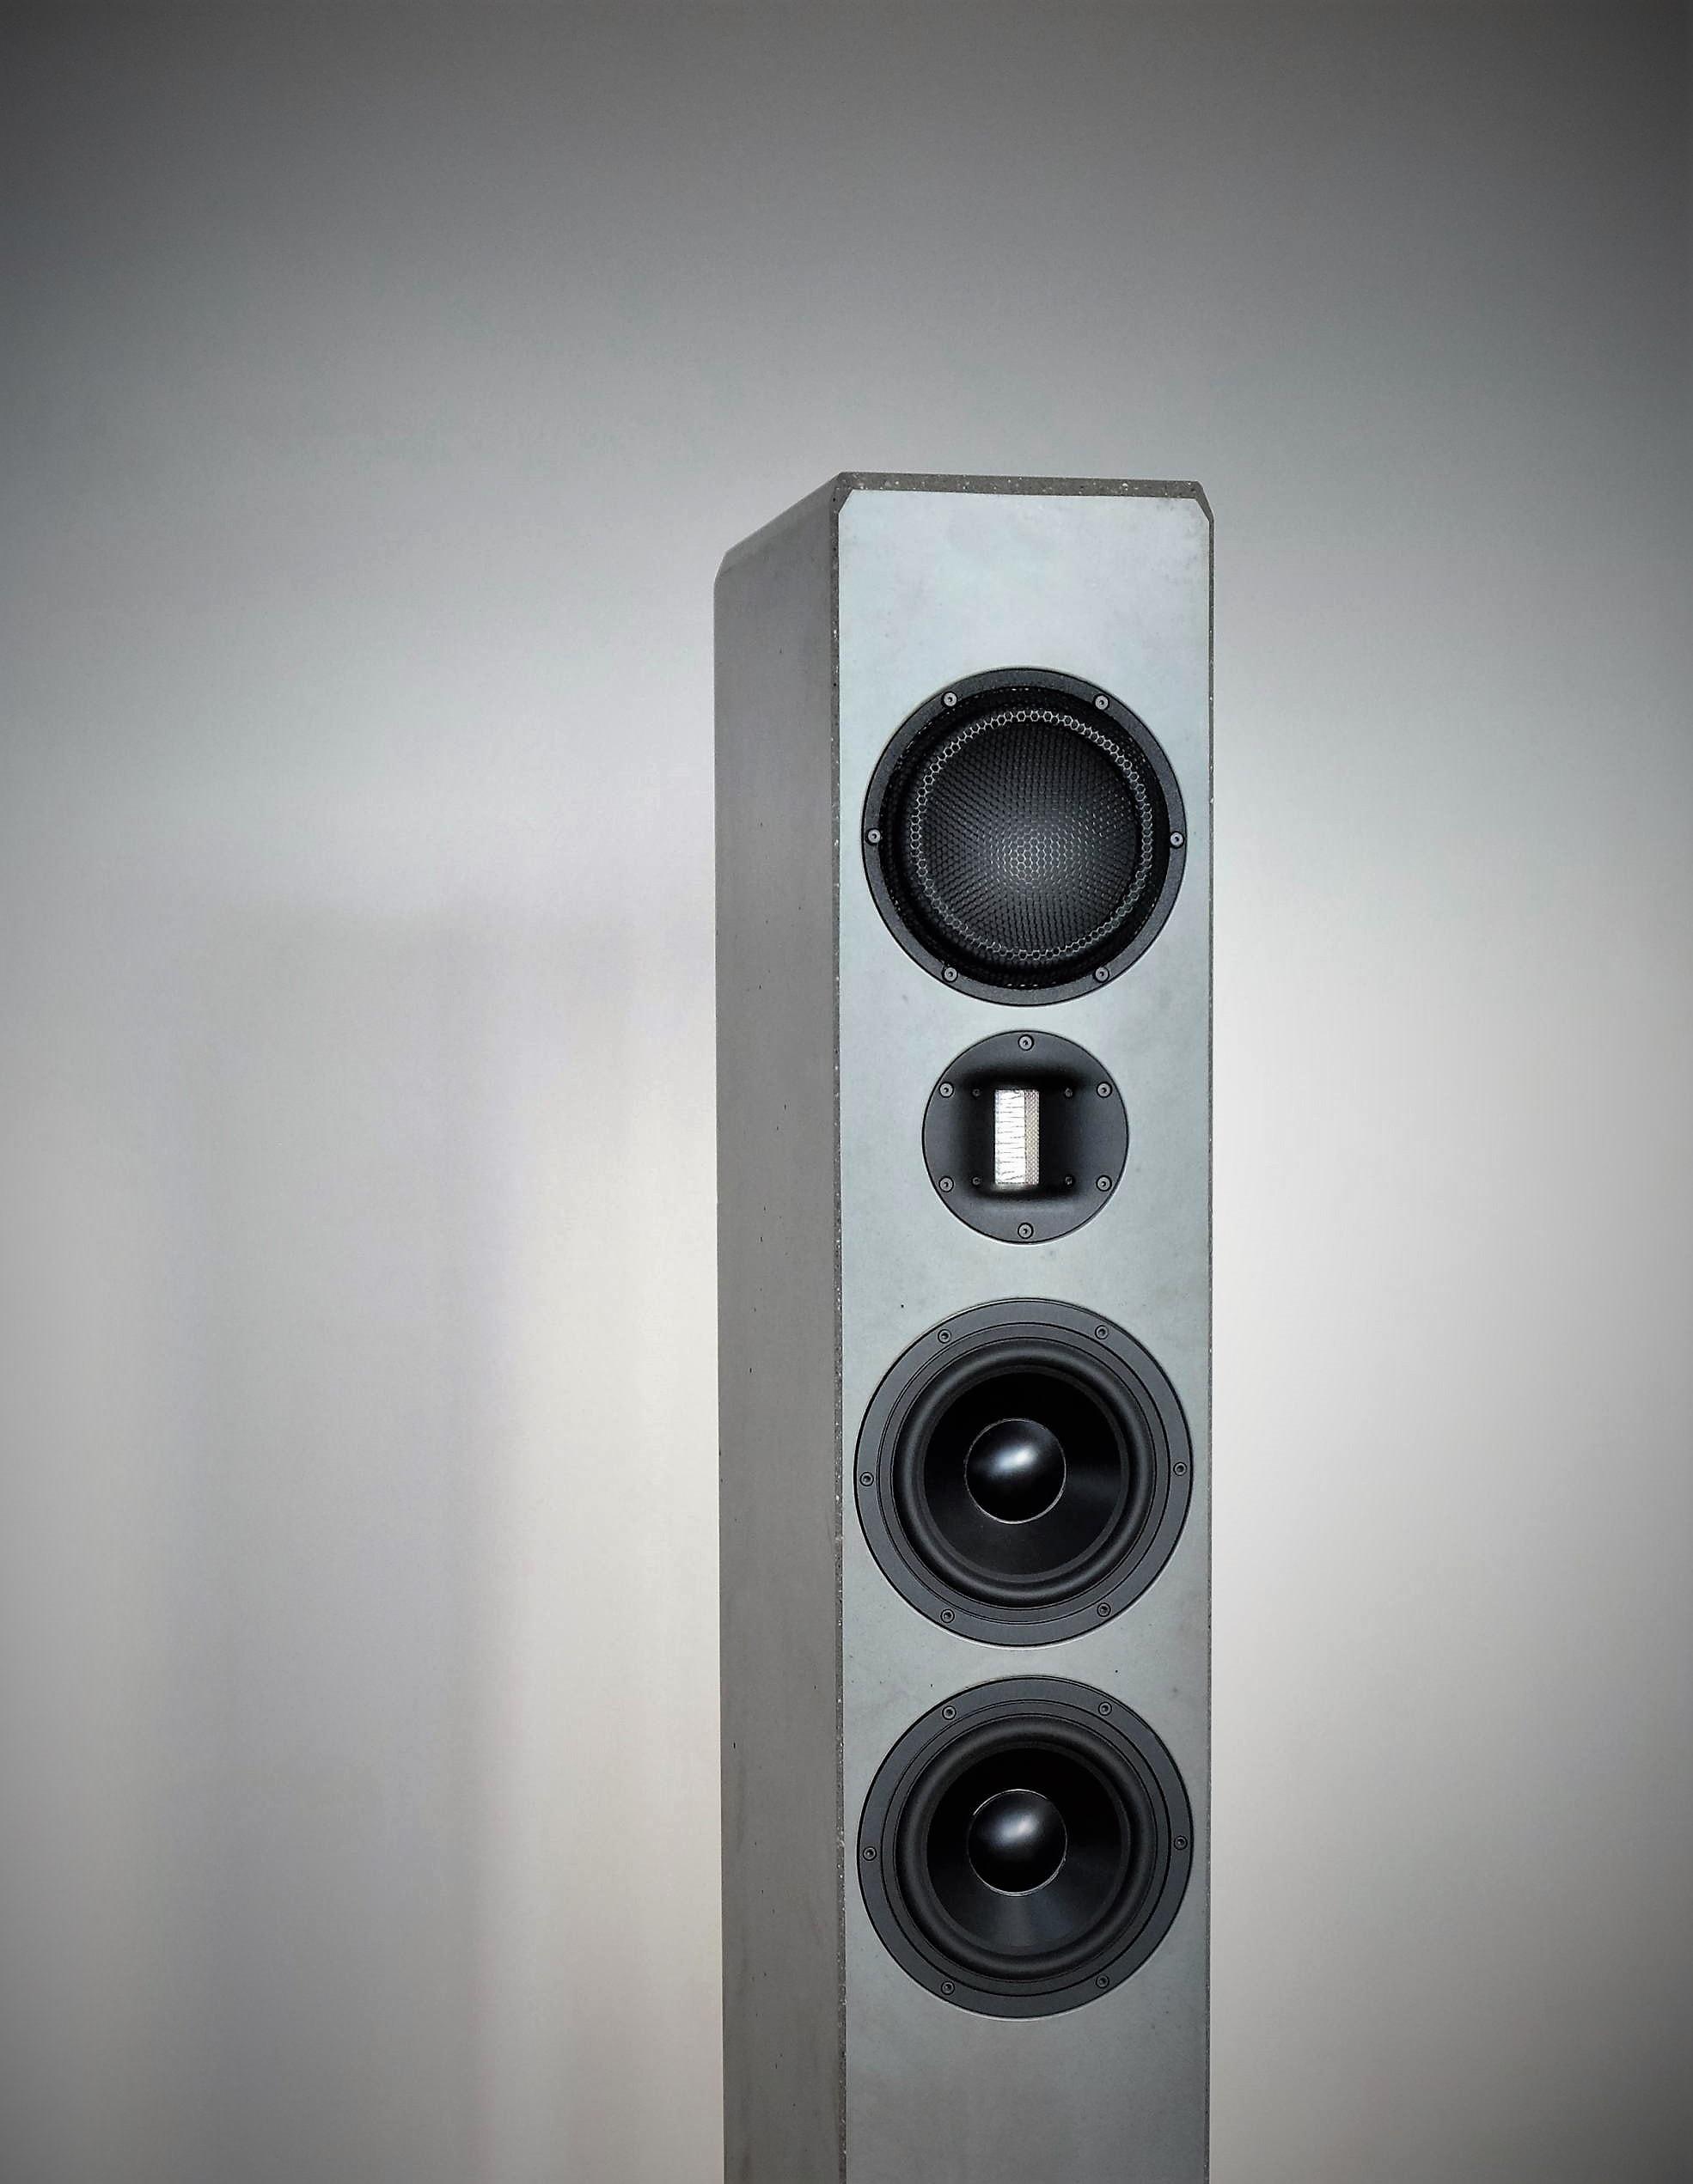 Lautsprecher aus Beton Produkte / Produktportfolio 8